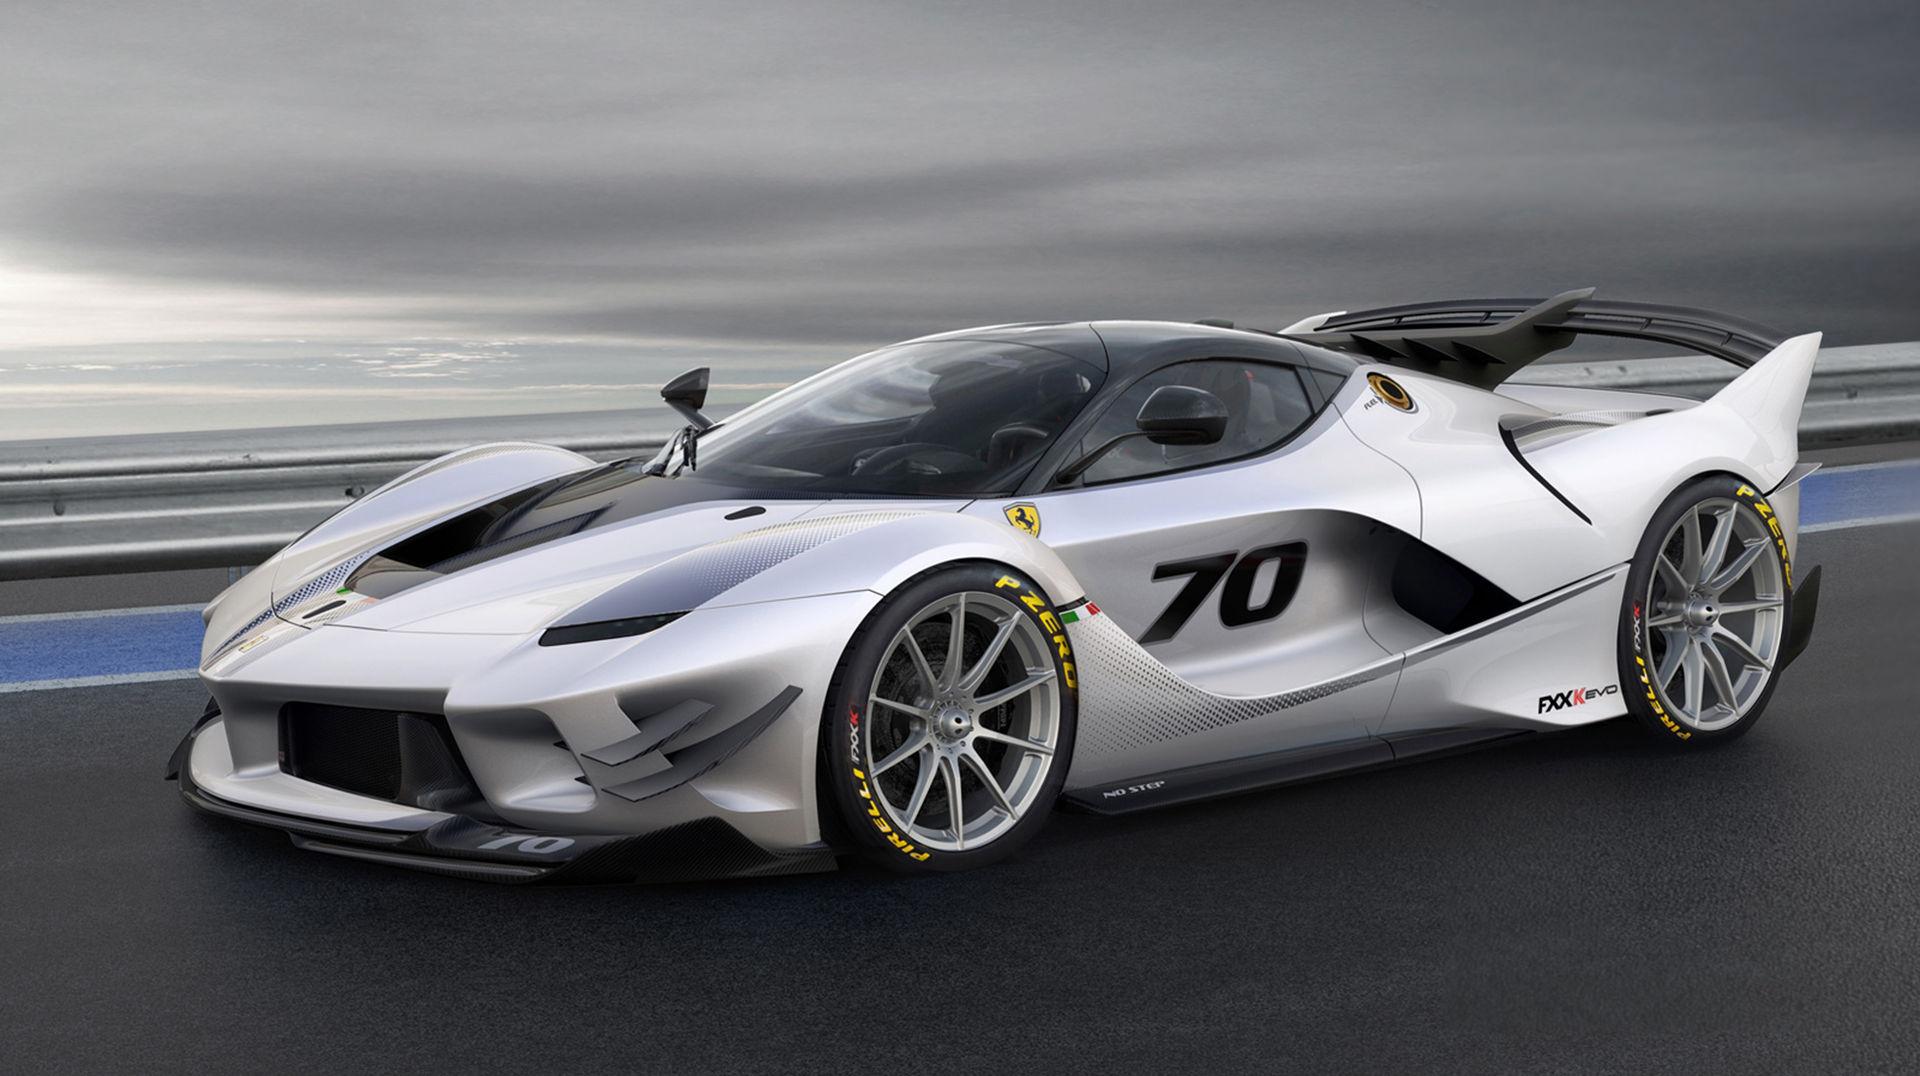 Ferrari FXX K kunde bli vassare - här är FXX K Evo